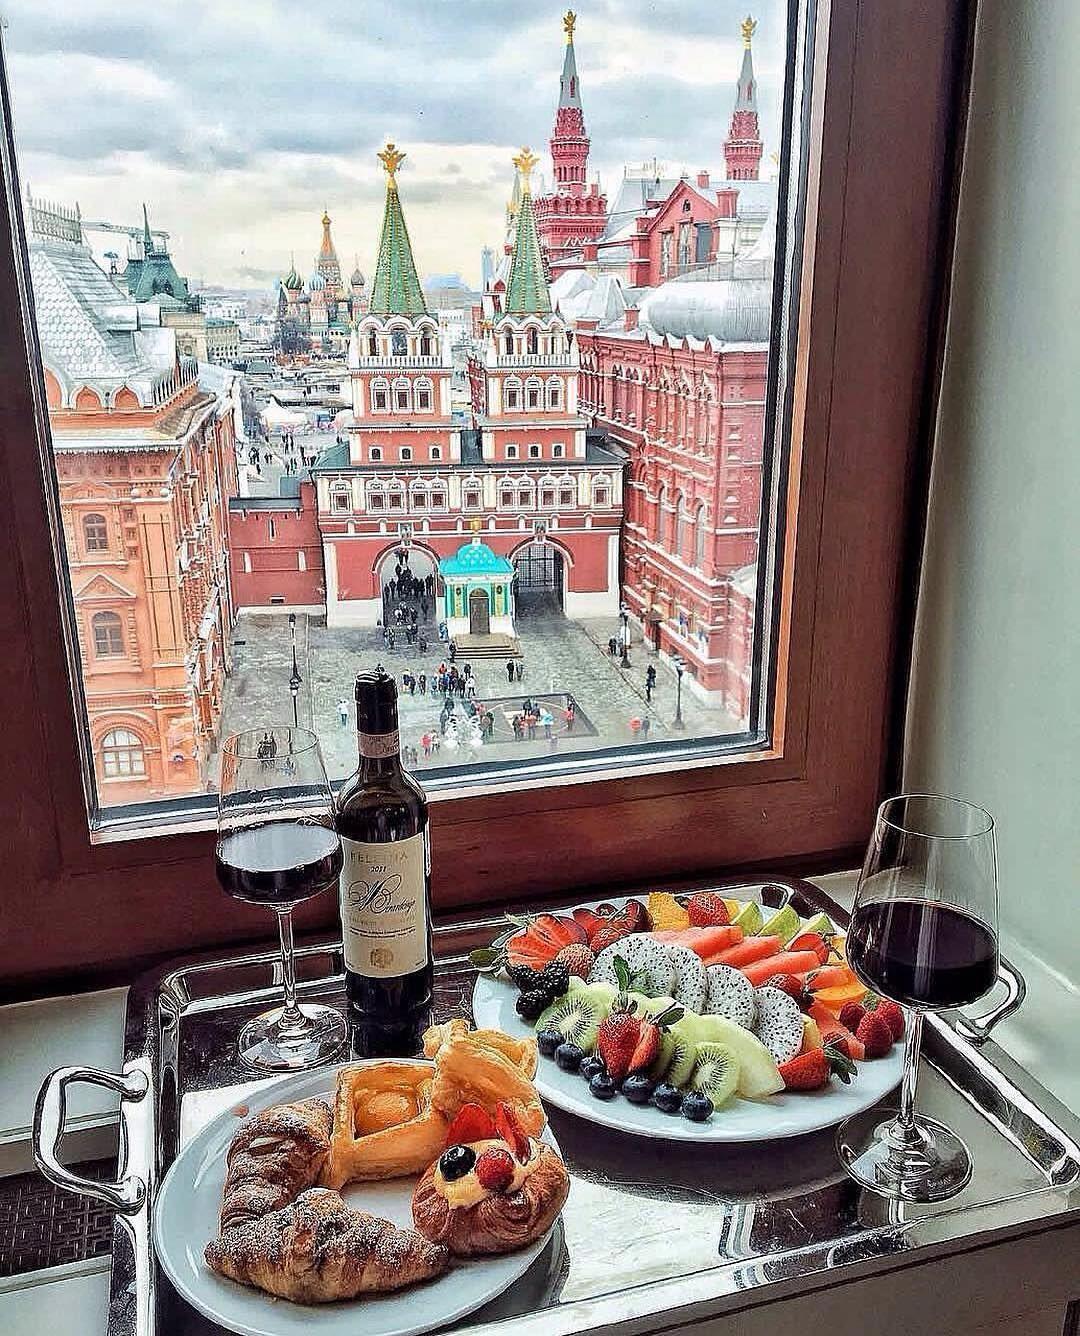 explorefervor Travels Trip Wanderlust Hotels Tourism